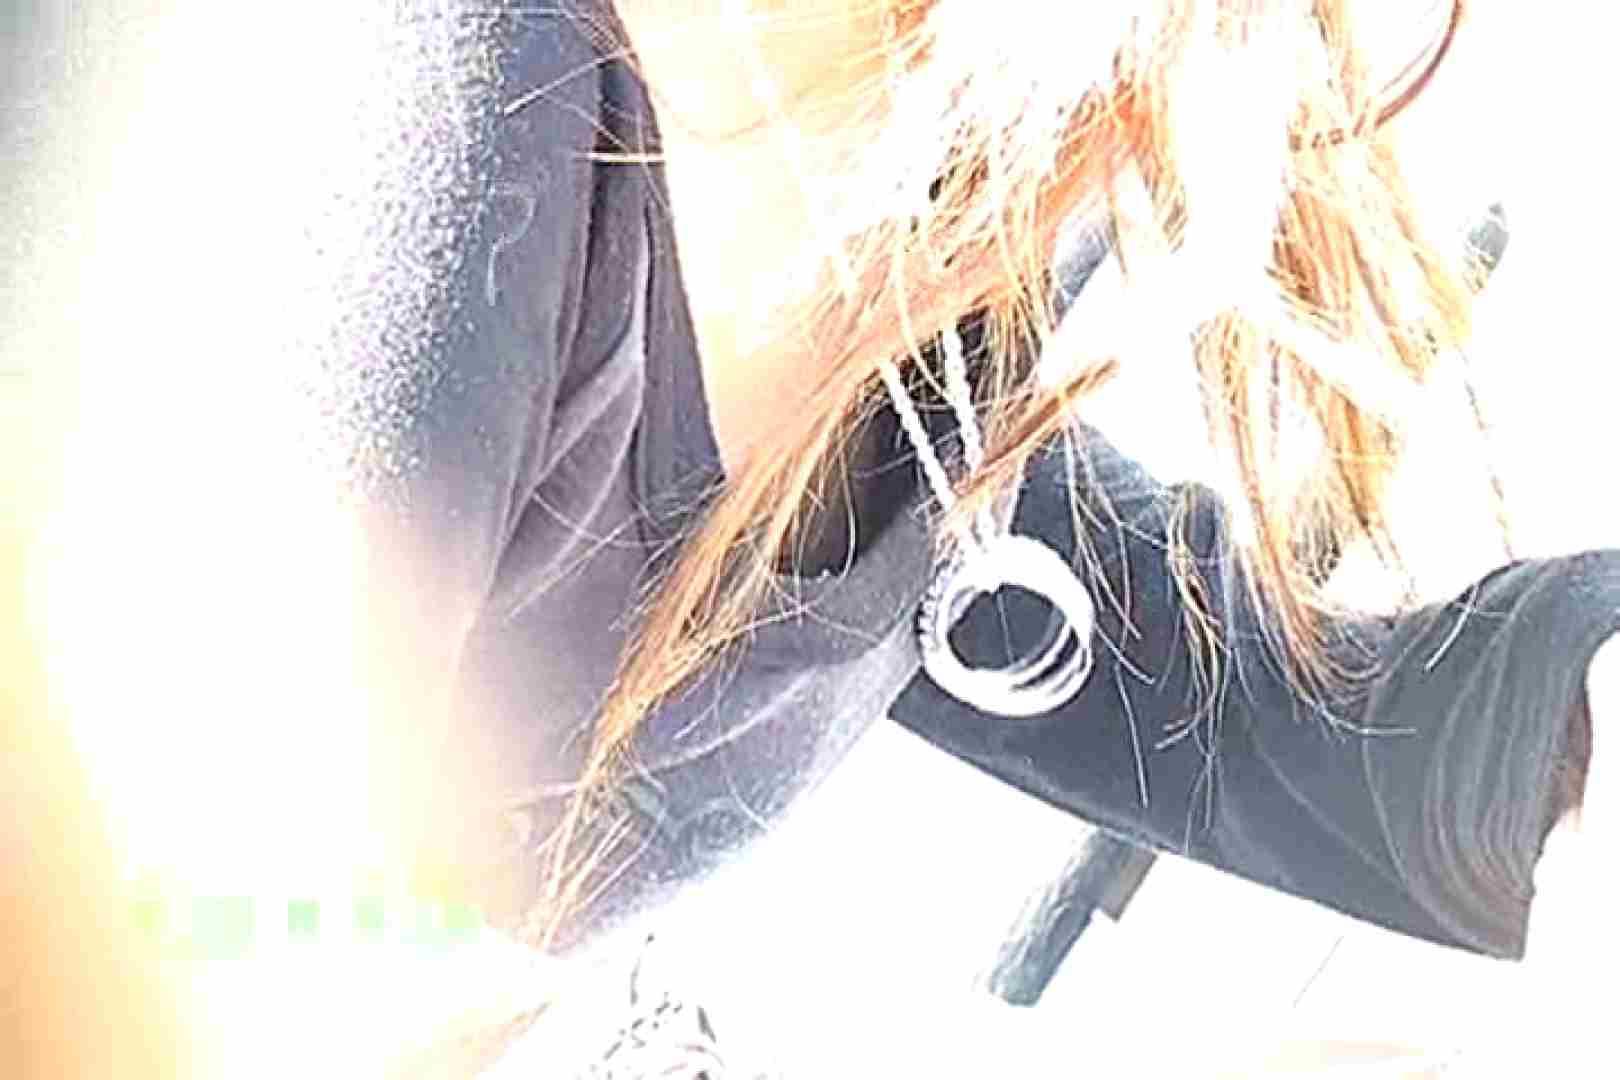 徘徊撮り!!街で出会った乳首たちVol.3 乳首   OLエロ画像  29PICs 1